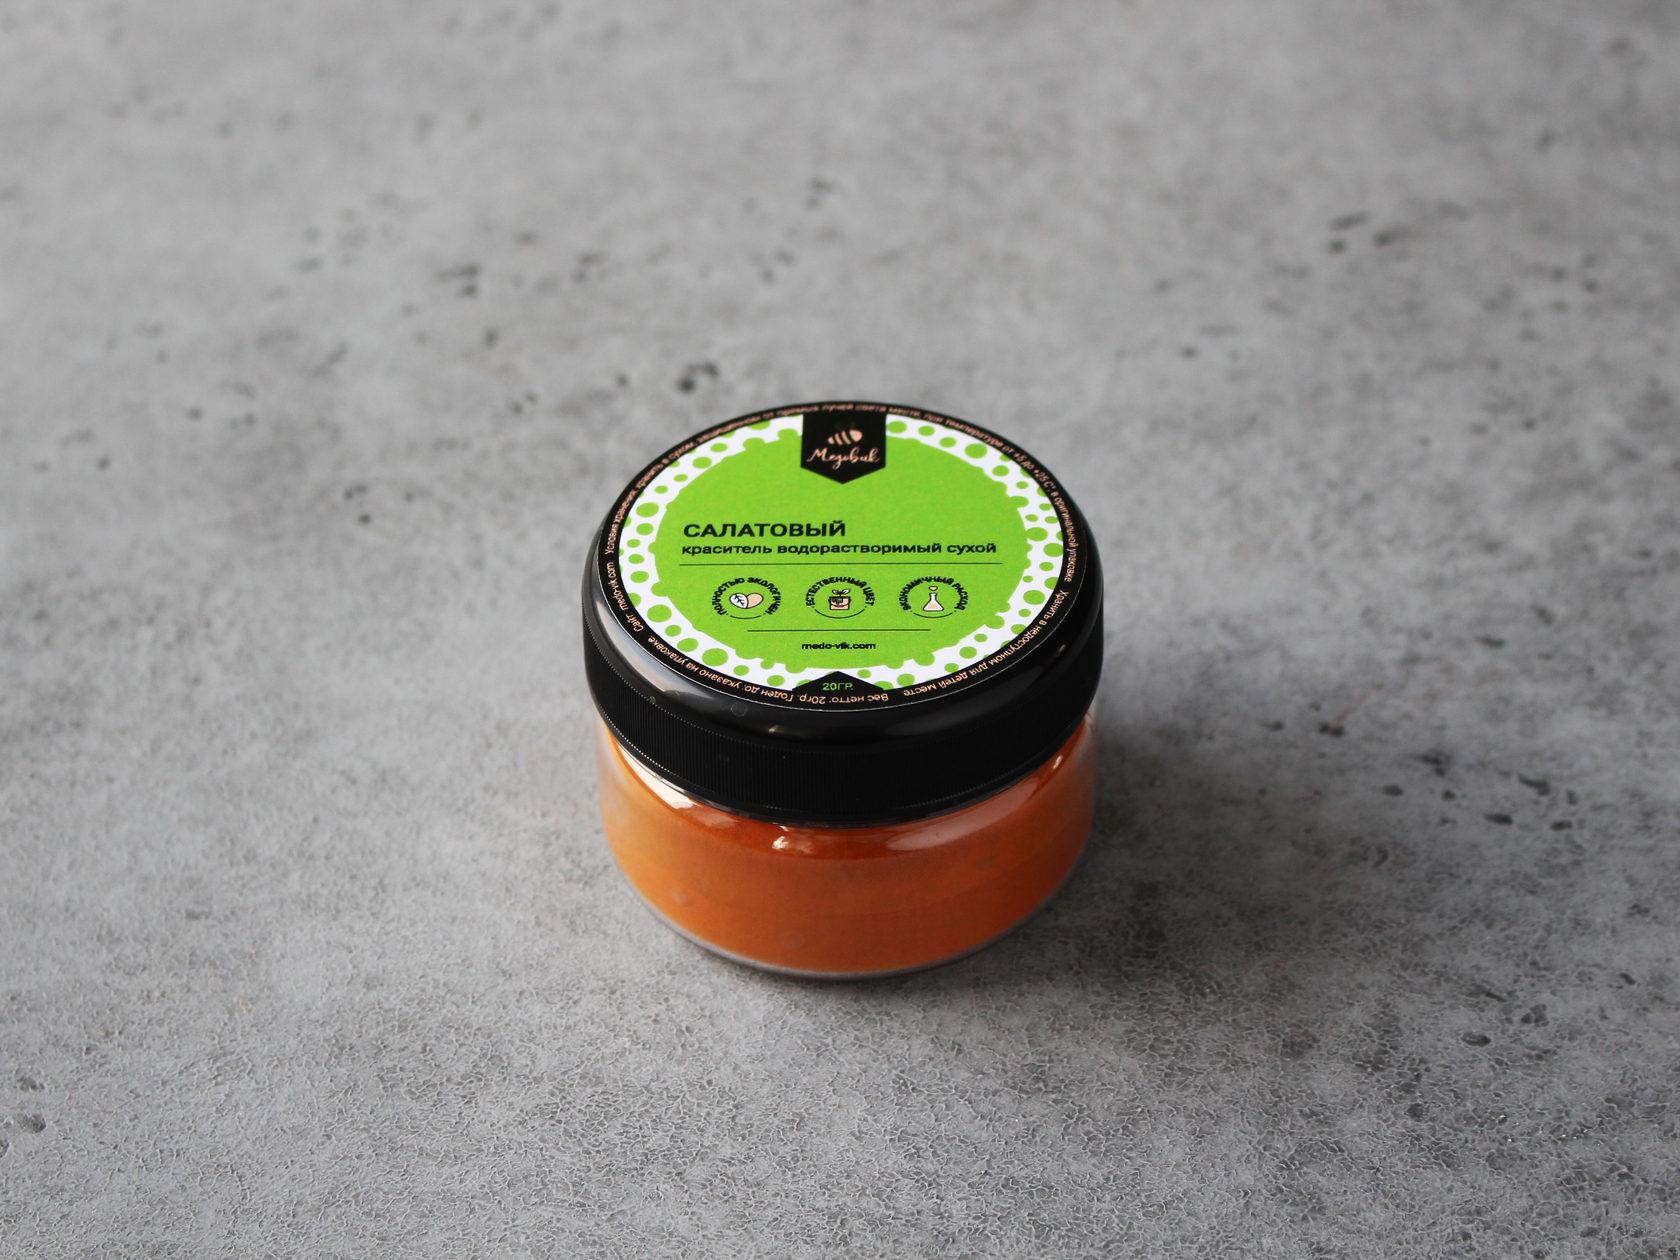 Краситель «Салатовый» водорастворимый, 20 гр